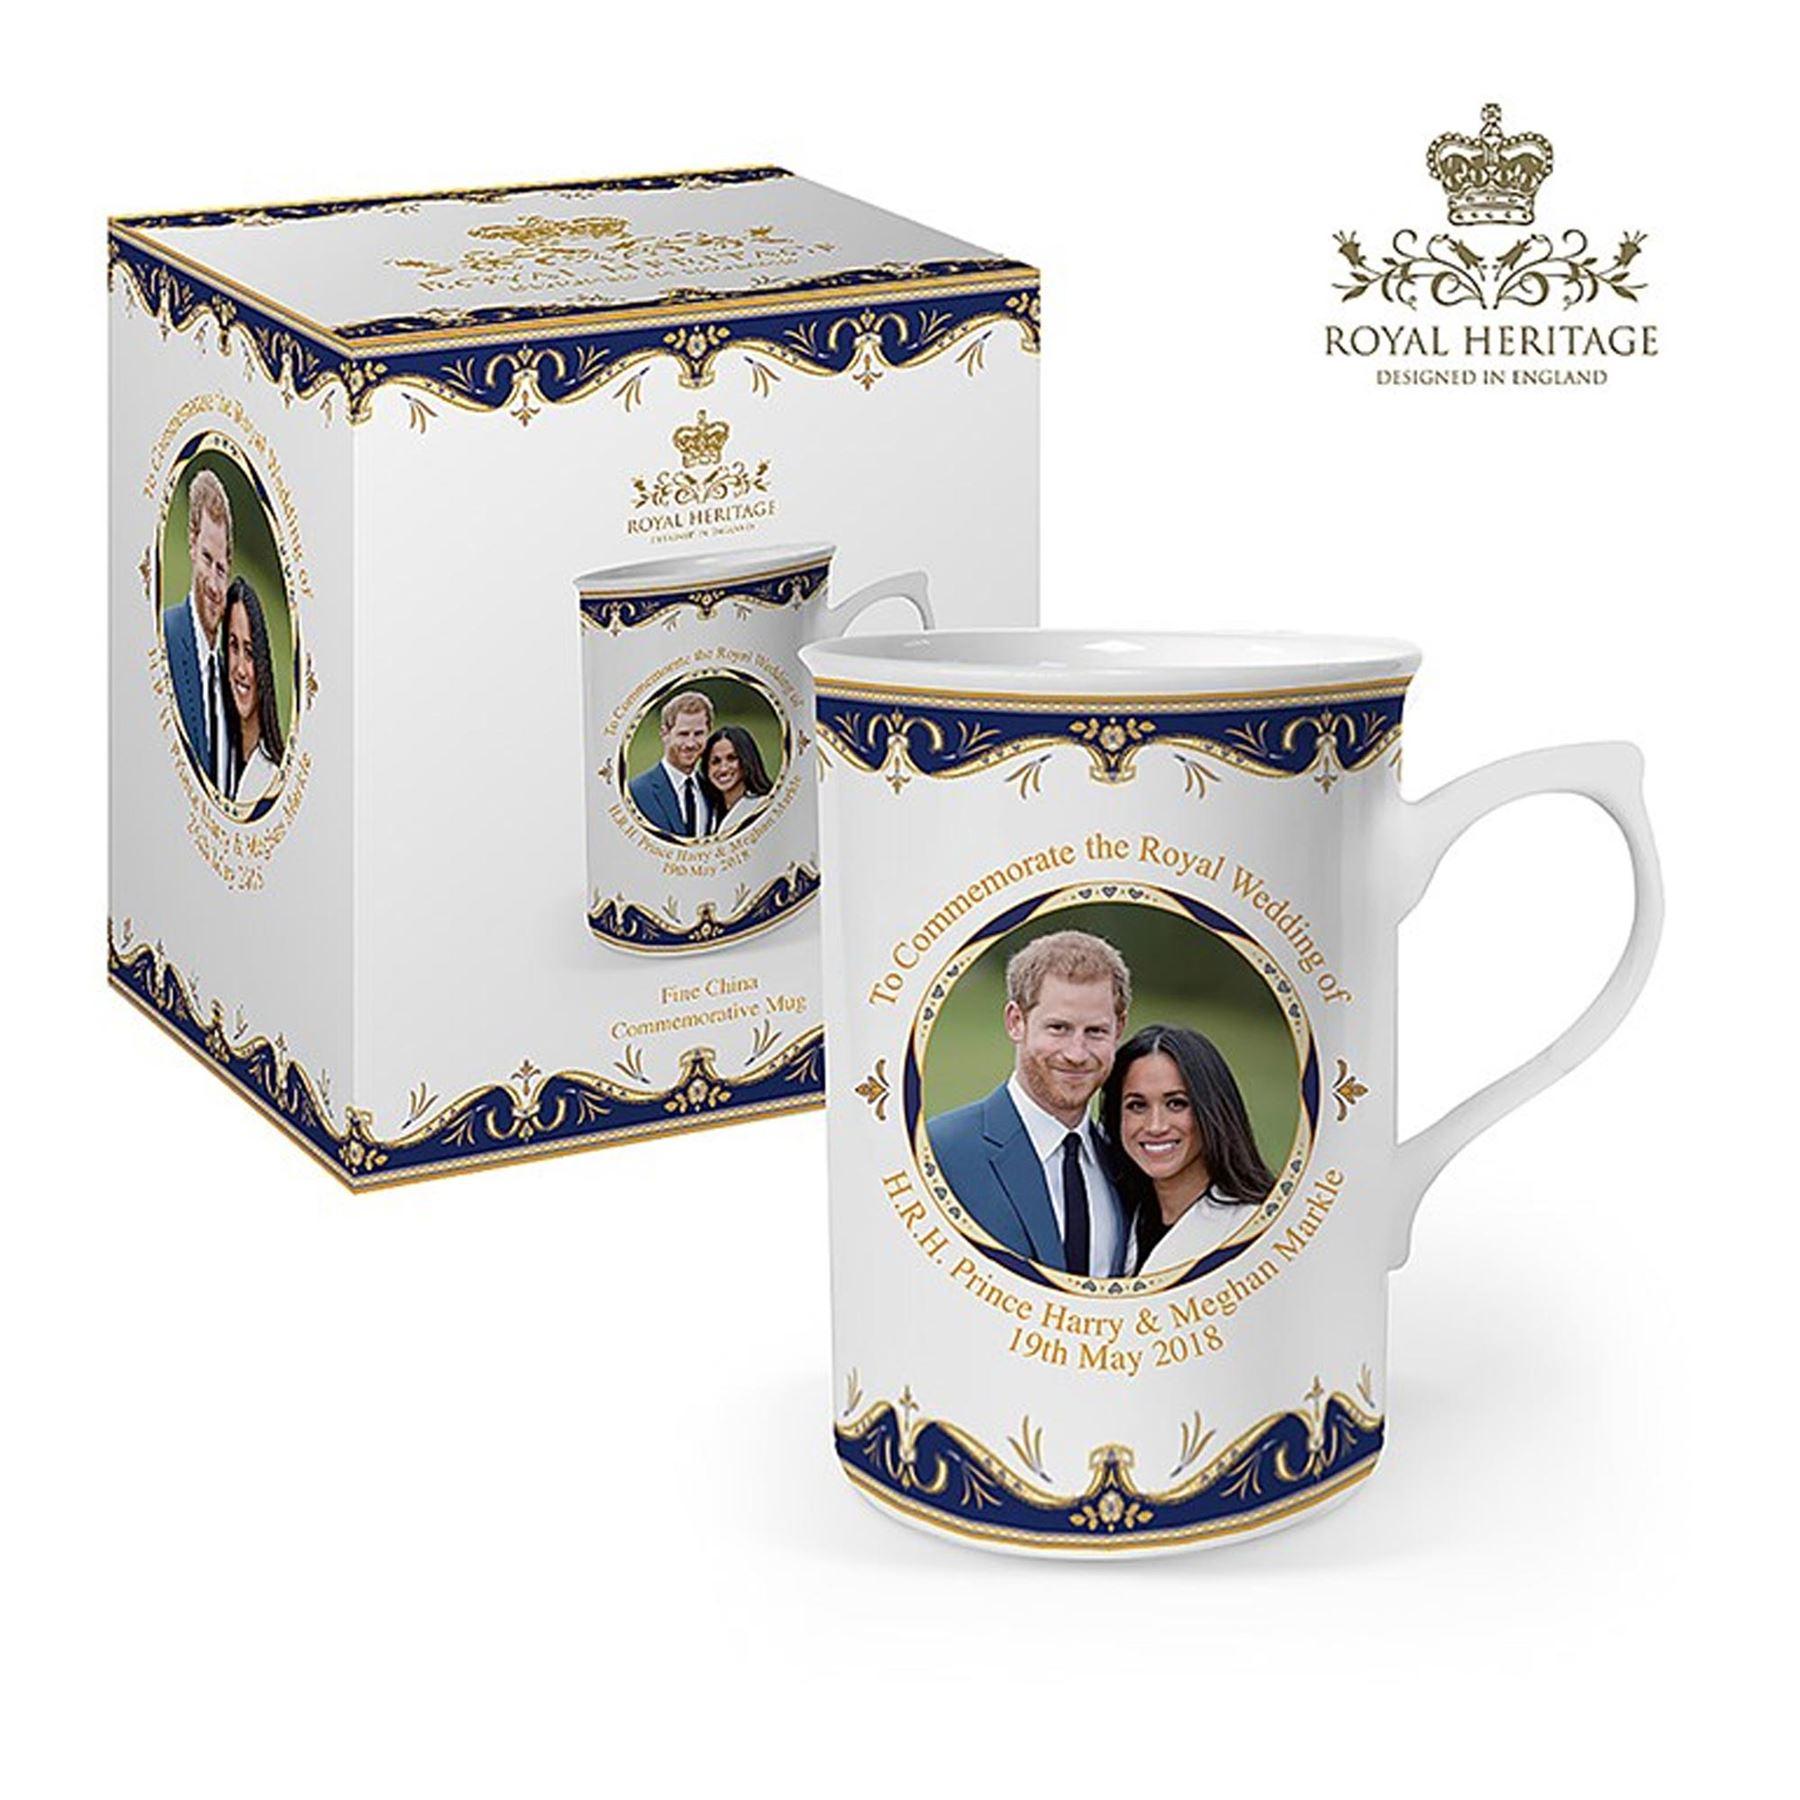 Royal Wedding Gifts: Prince Harry And Meghan Markle Royal Wedding Collectible